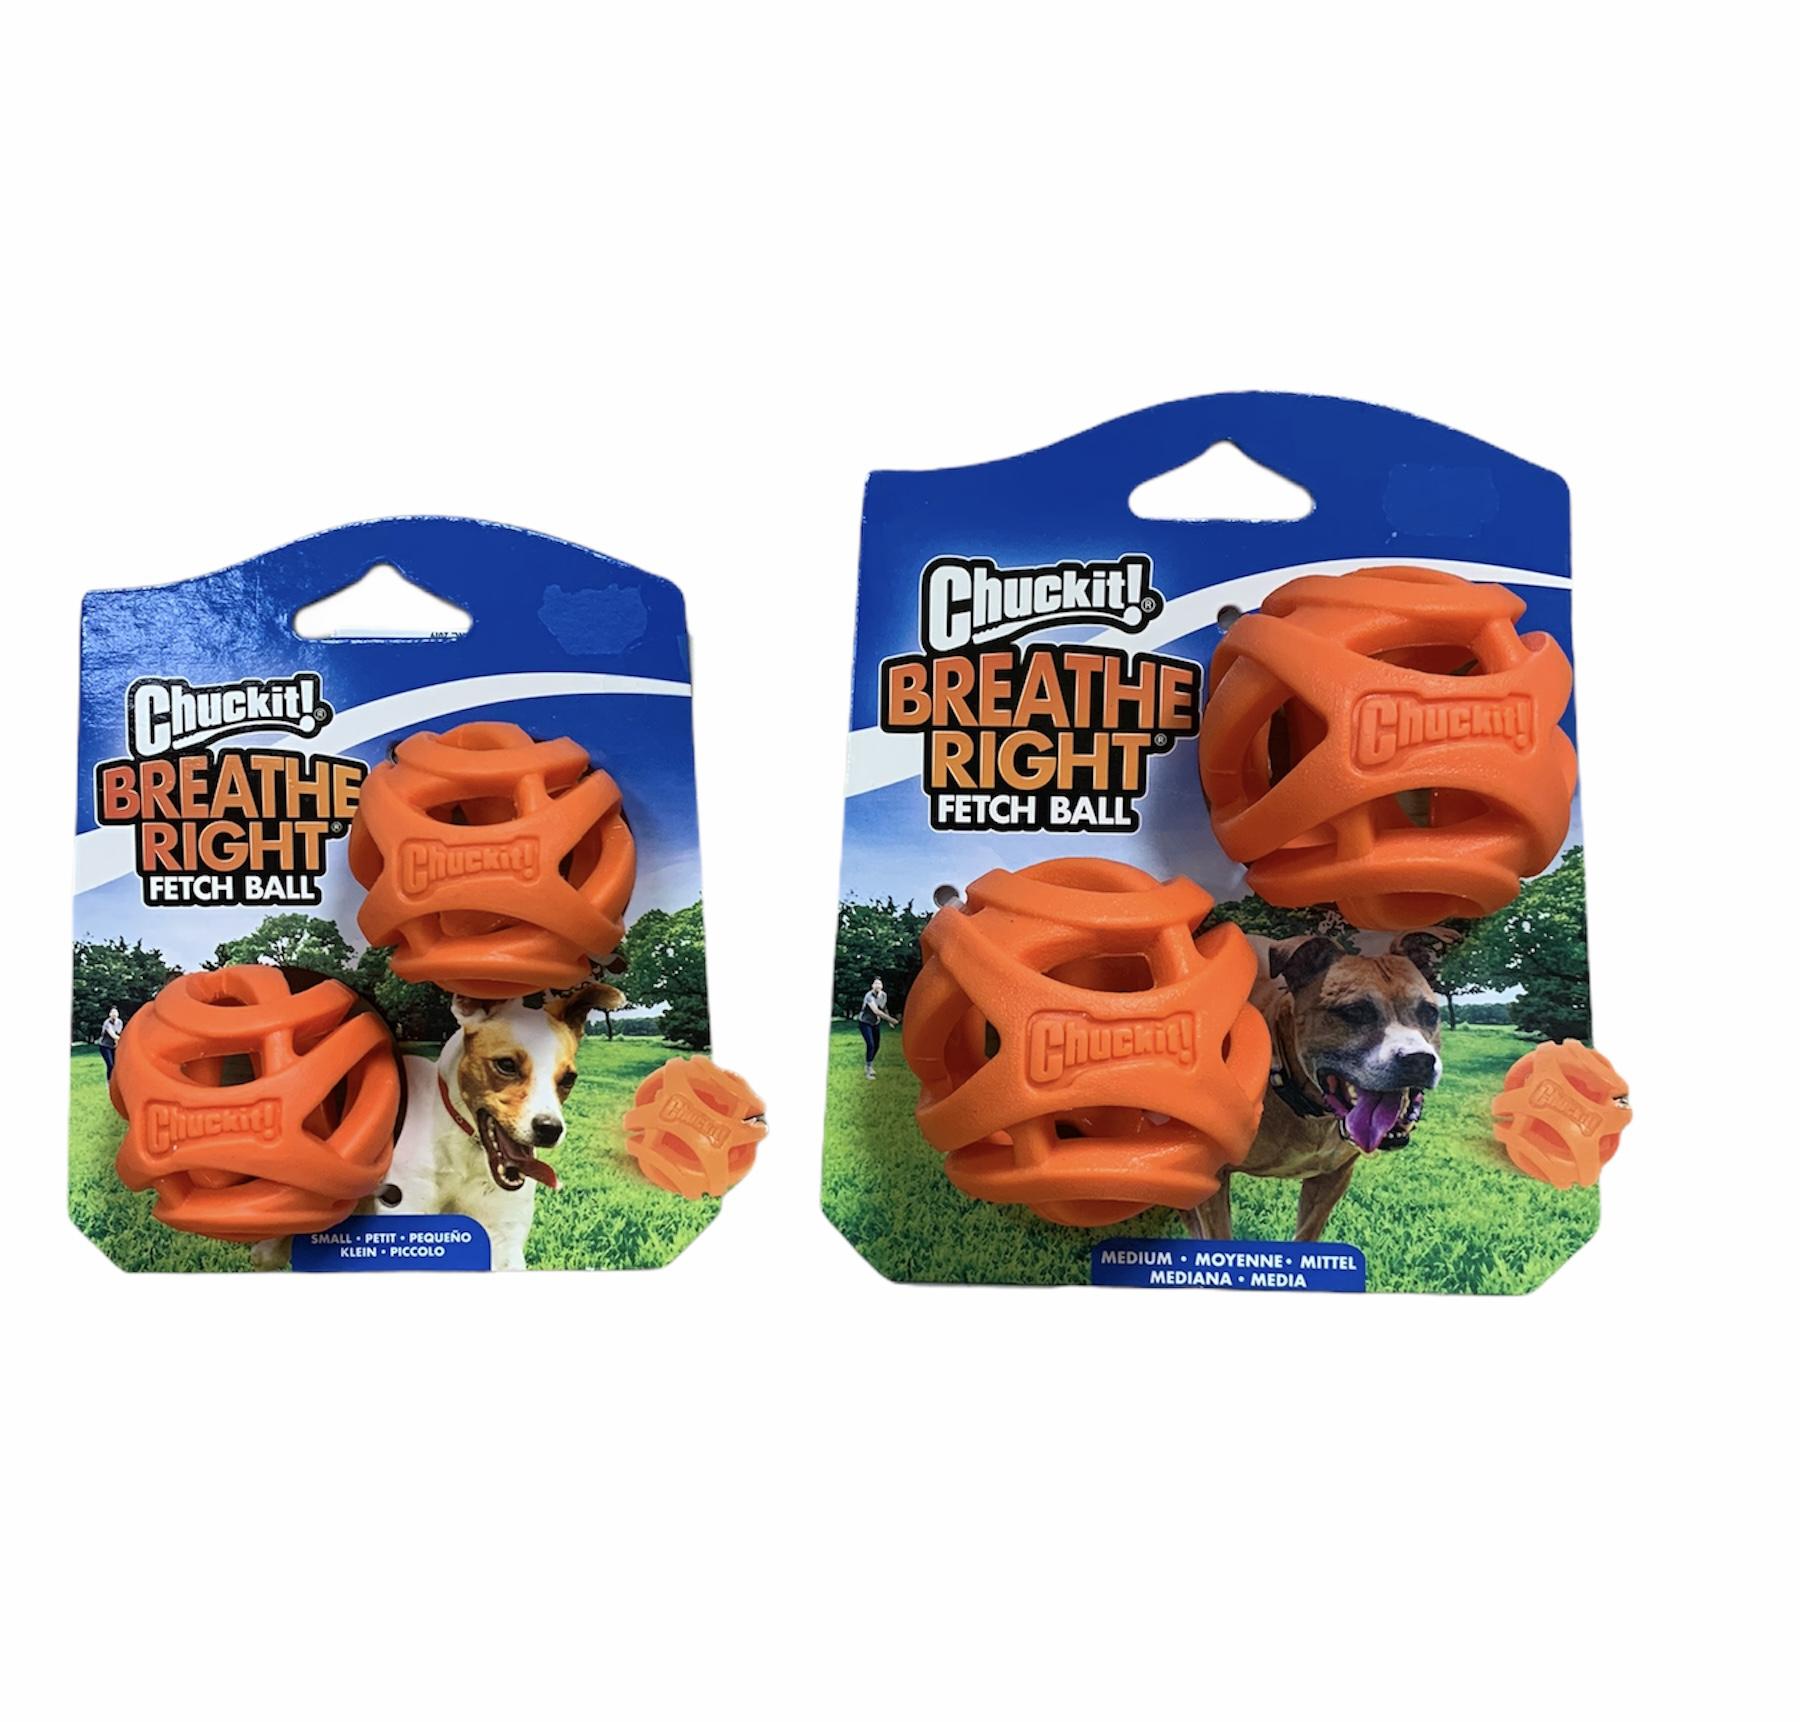 Chuckit Breathe Richt Fetch Ball 2-pack